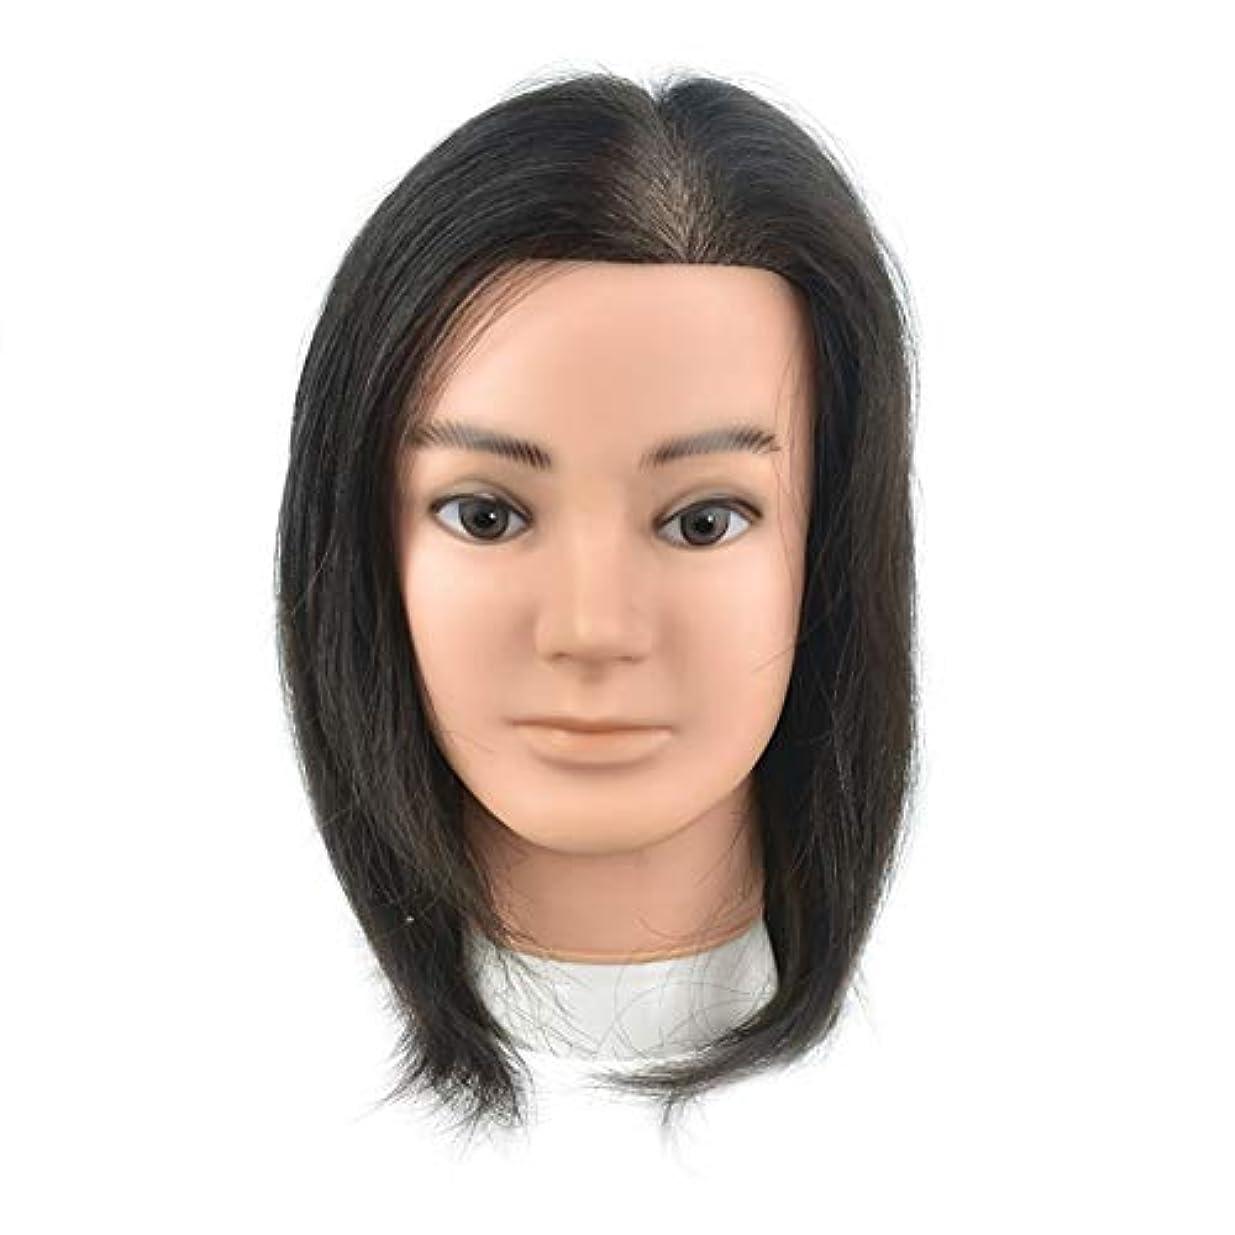 セグメント神拘束リアルヘアスタイリングマネキンヘッド女性ヘッドモデル教育ヘッド理髪店編組ヘア染色学習ダミーヘッド